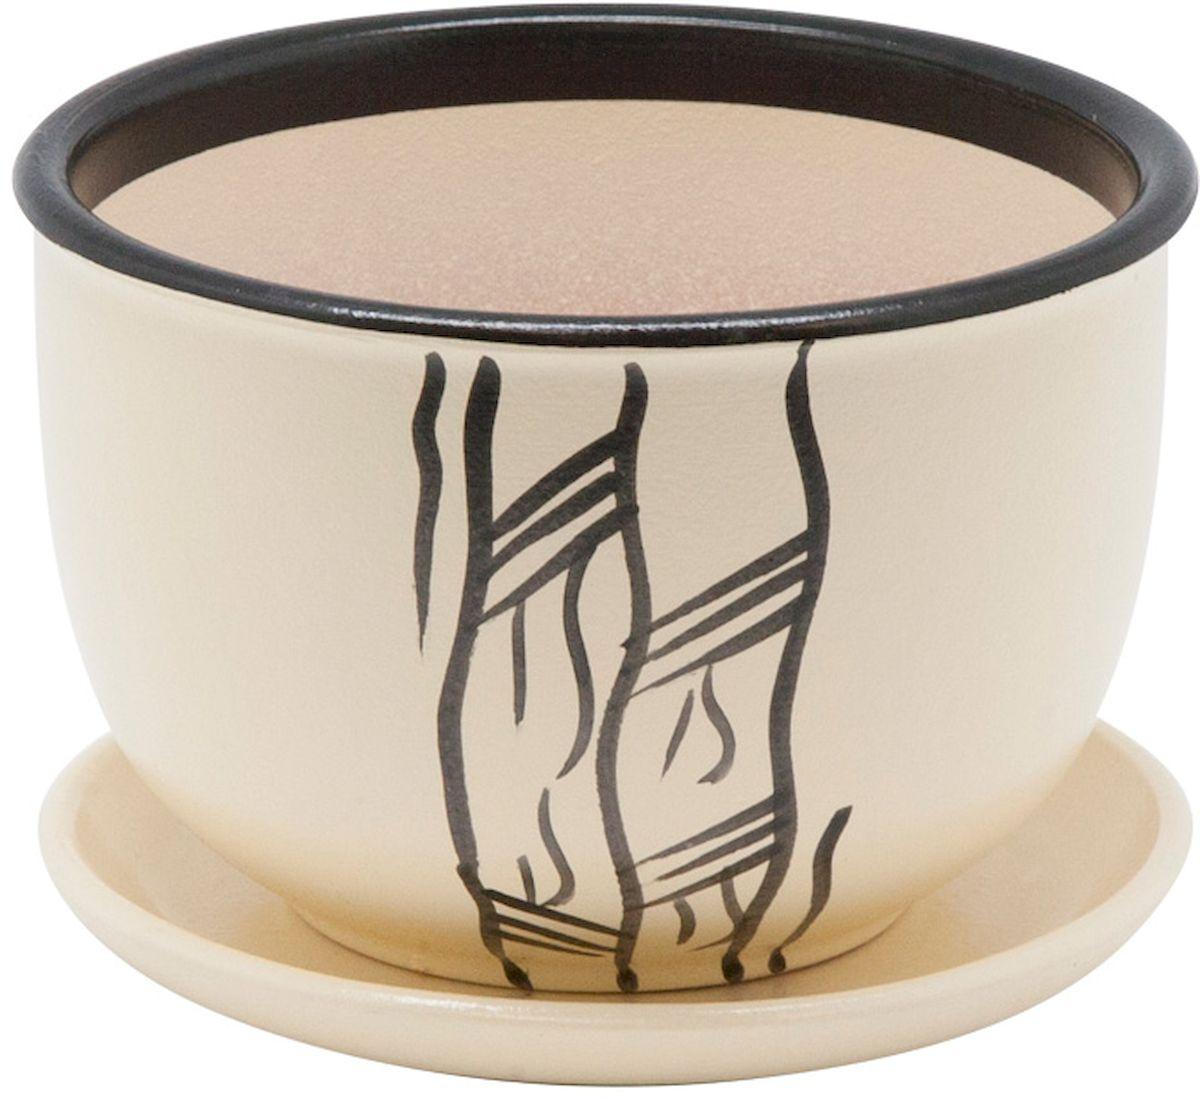 Горшок цветочный Engard, с поддоном, цвет: бежевый, 1,05 л531-402Керамический горшок - это идеальное решение для выращивания комнатных растений и создания изысканности в интерьере. Керамический горшок сделан из высококачественной глины в классической форме и оригинальном дизайне.